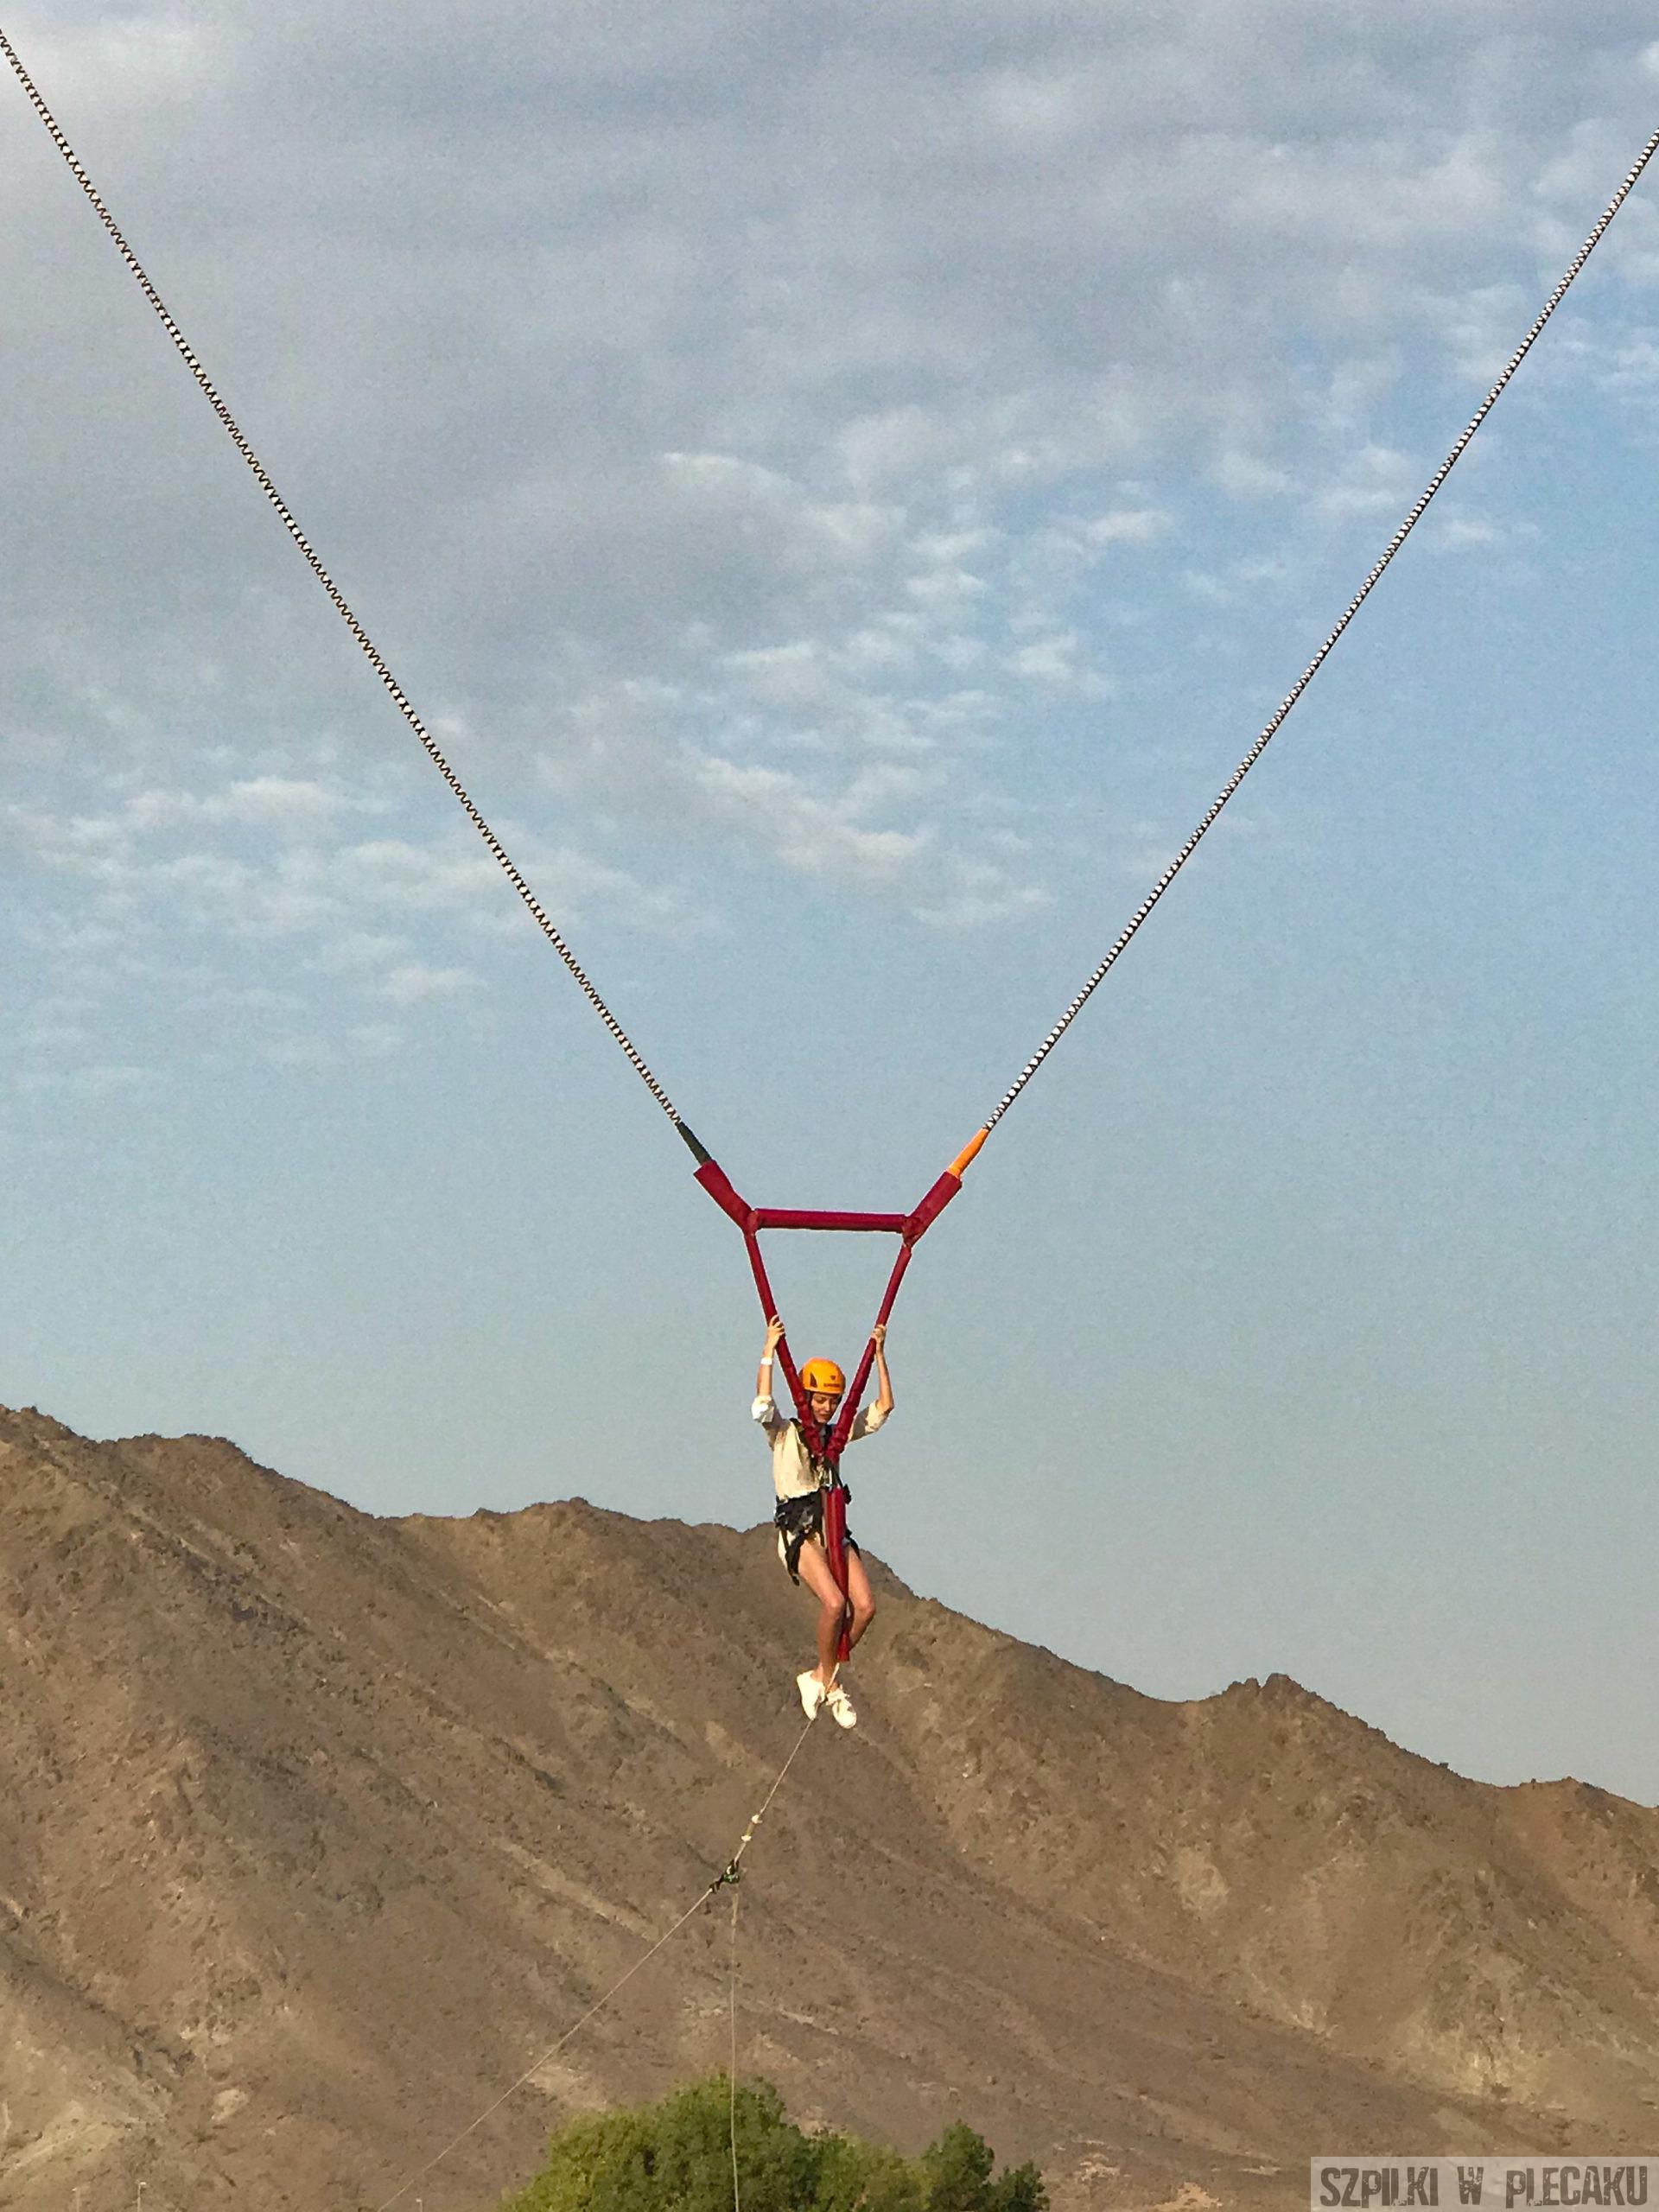 Ludzka proca - cannon - Dubaj inaczej z przygodą i adrenaliną - Szpilki w plecaku